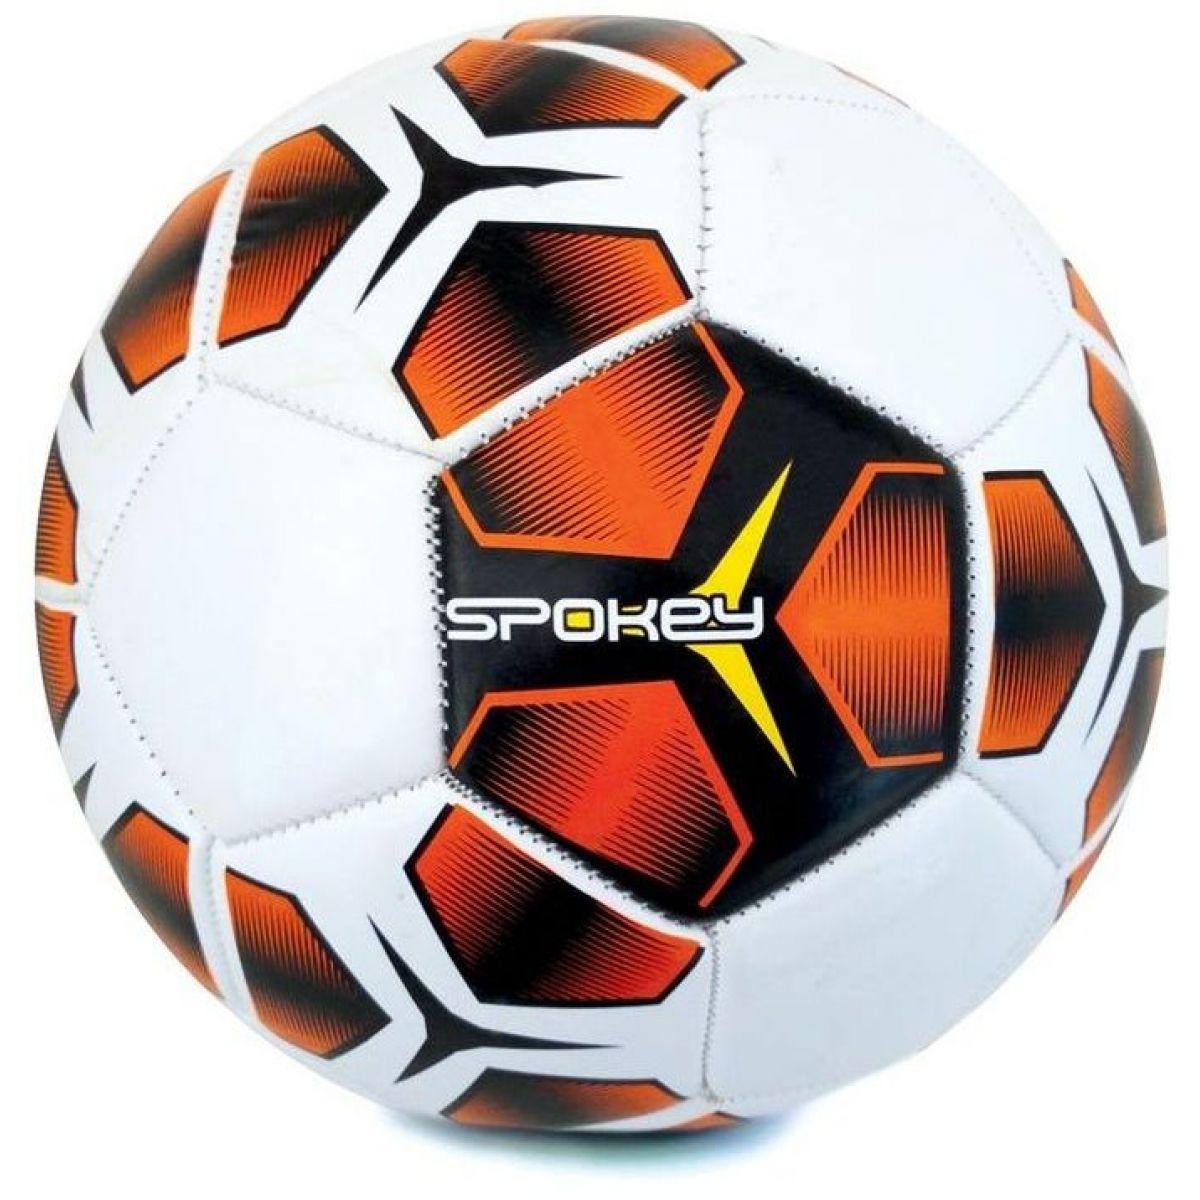 Spokey Haste futbalová lopta veľkosť 5 červenočierna